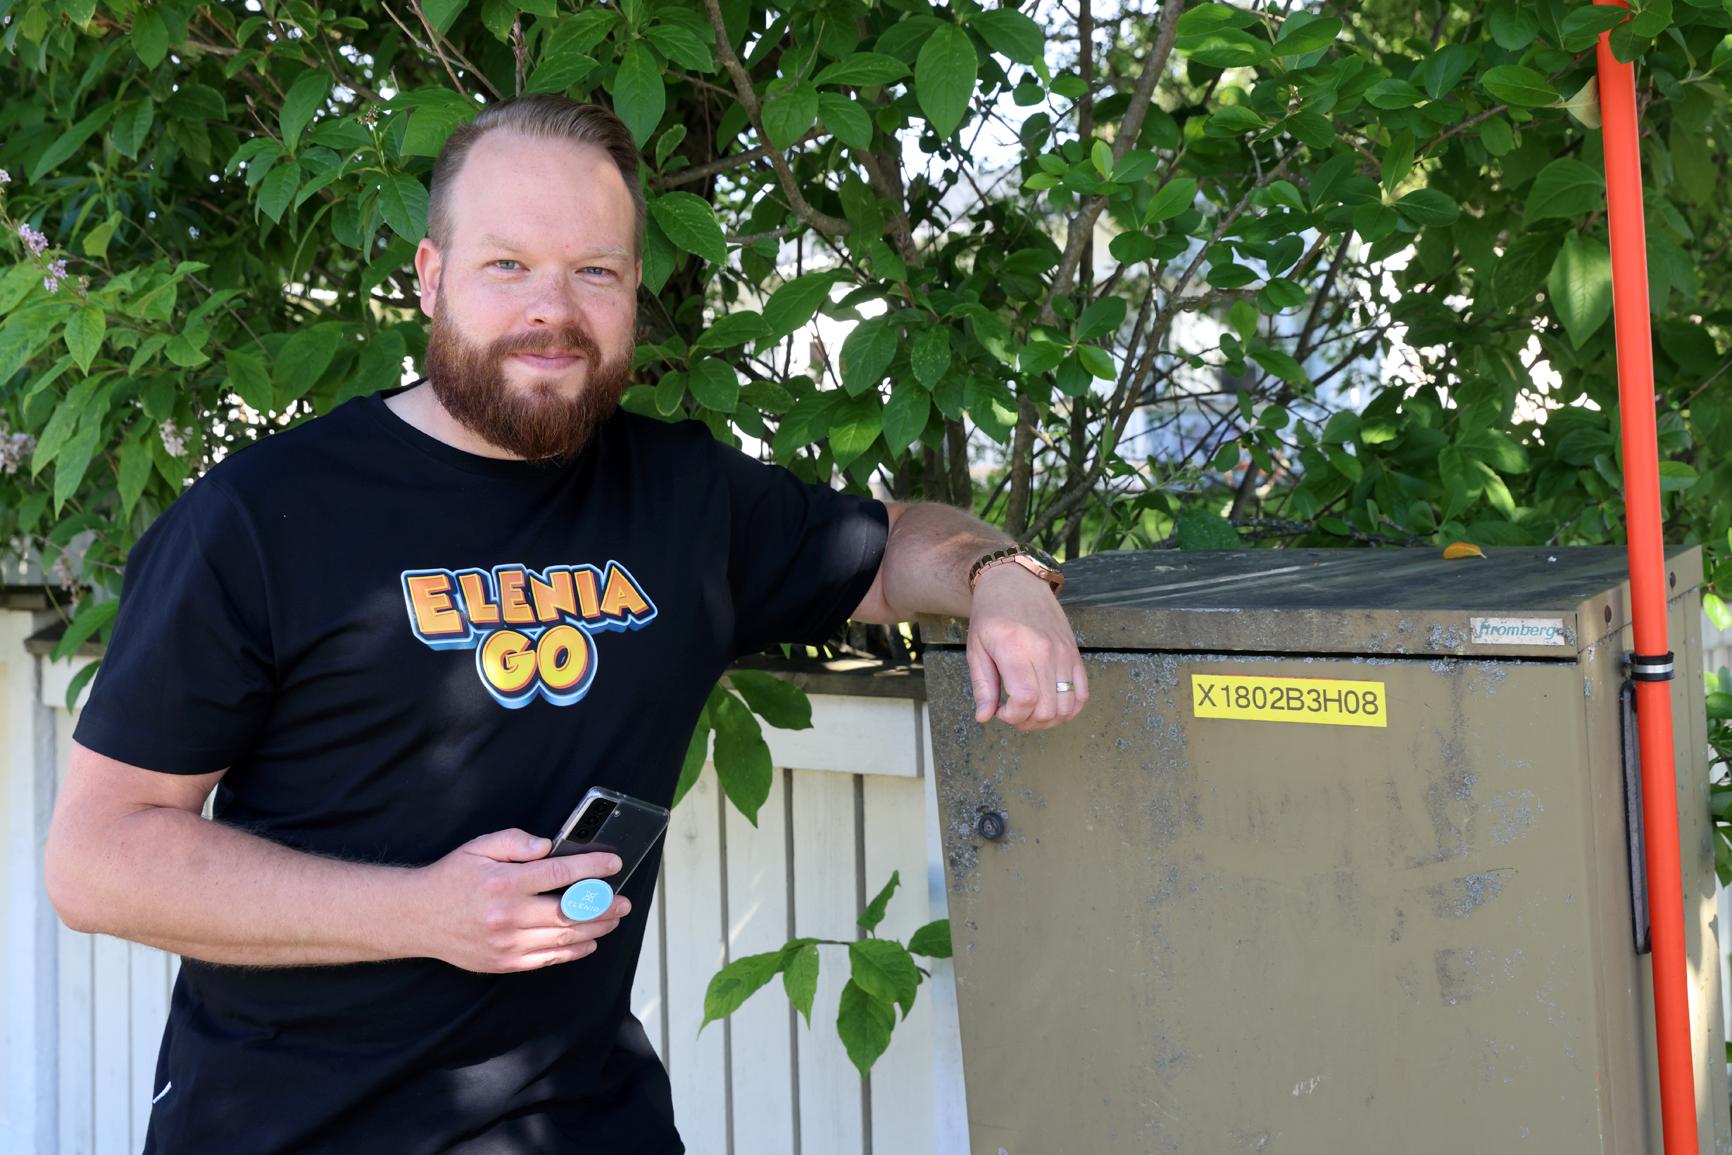 Elenian kumppanuus- ja innovaatiopäällikkö Harri Salomäki kertoo, että EleniaGO-kännykkäpelin ideana on kuvata jakokaappeja ja puistomuuntamoja. Pelaaja kerryttää pistetiliään ja Elenia saa ajantasaista tietoa kaappien sekä muuntamojen ulkoisesta kunnosta.